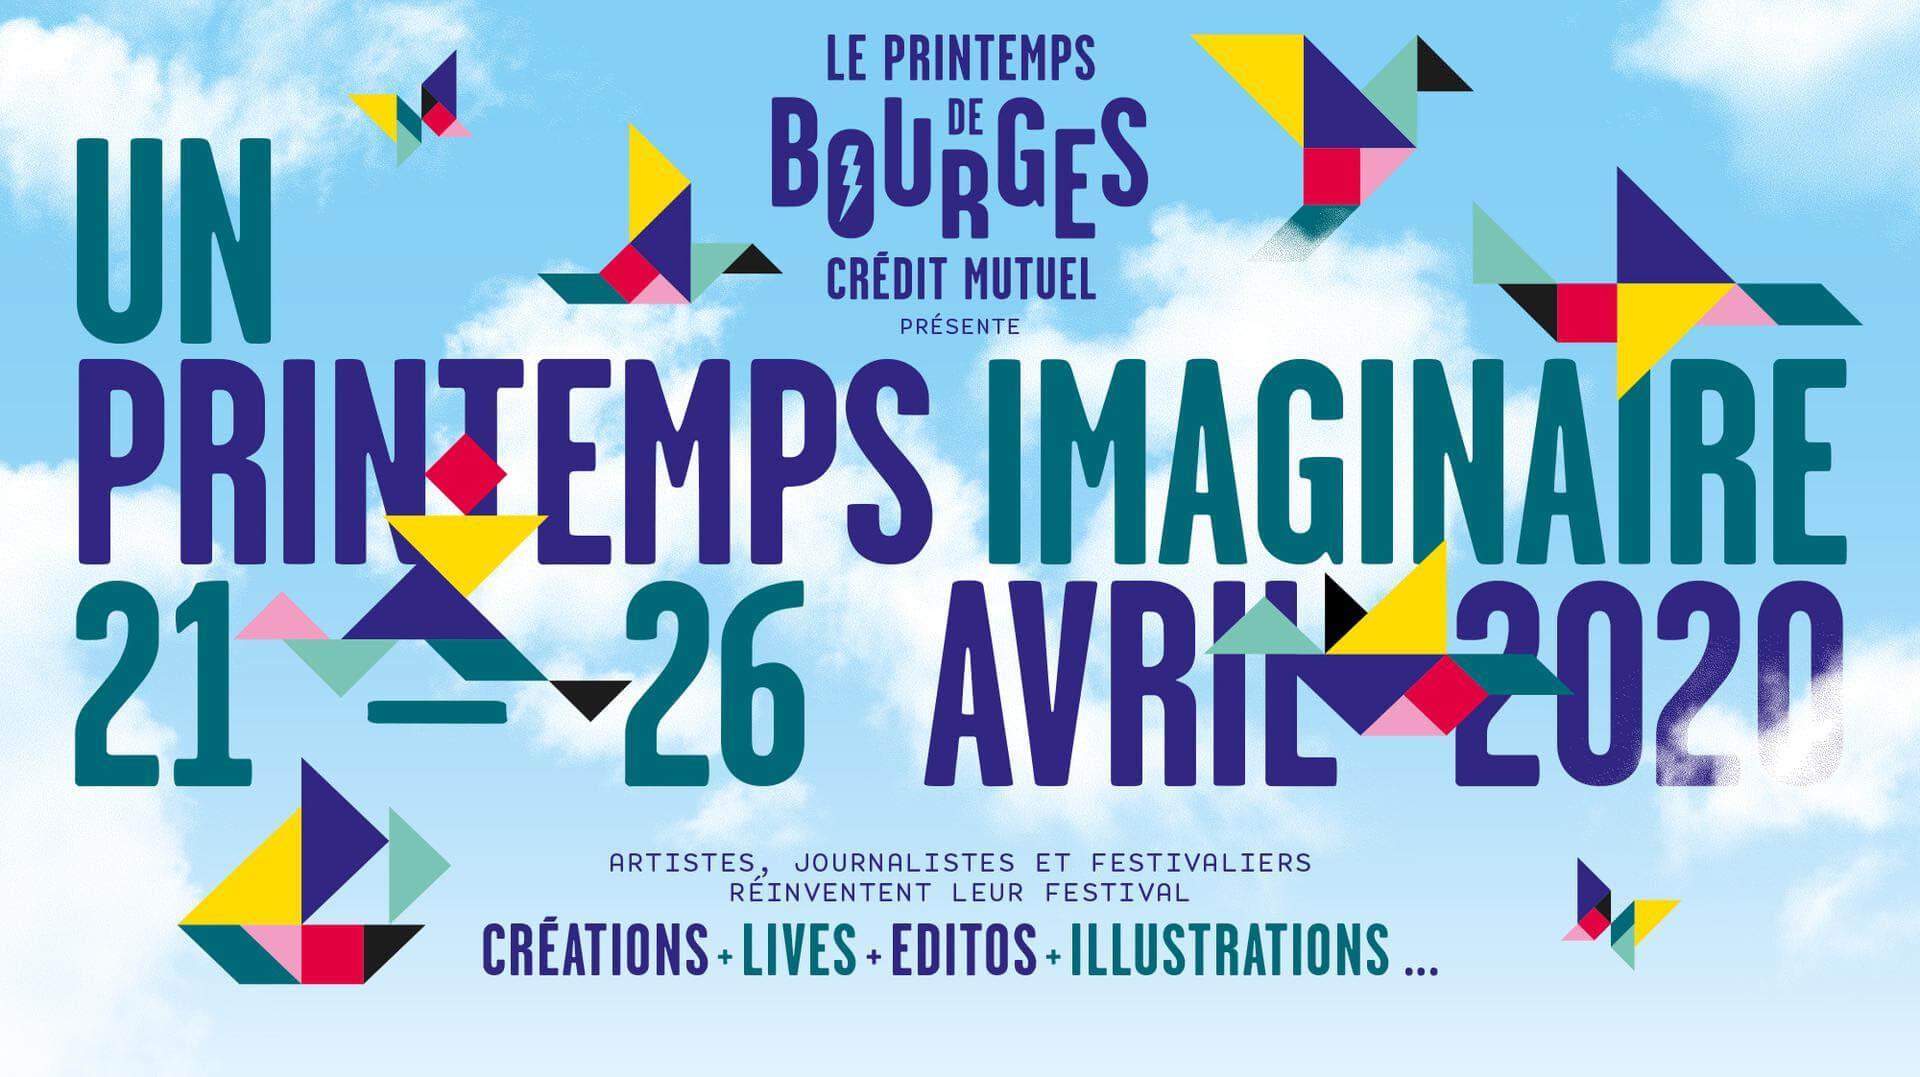 Printemps de Bourges Imaginaire